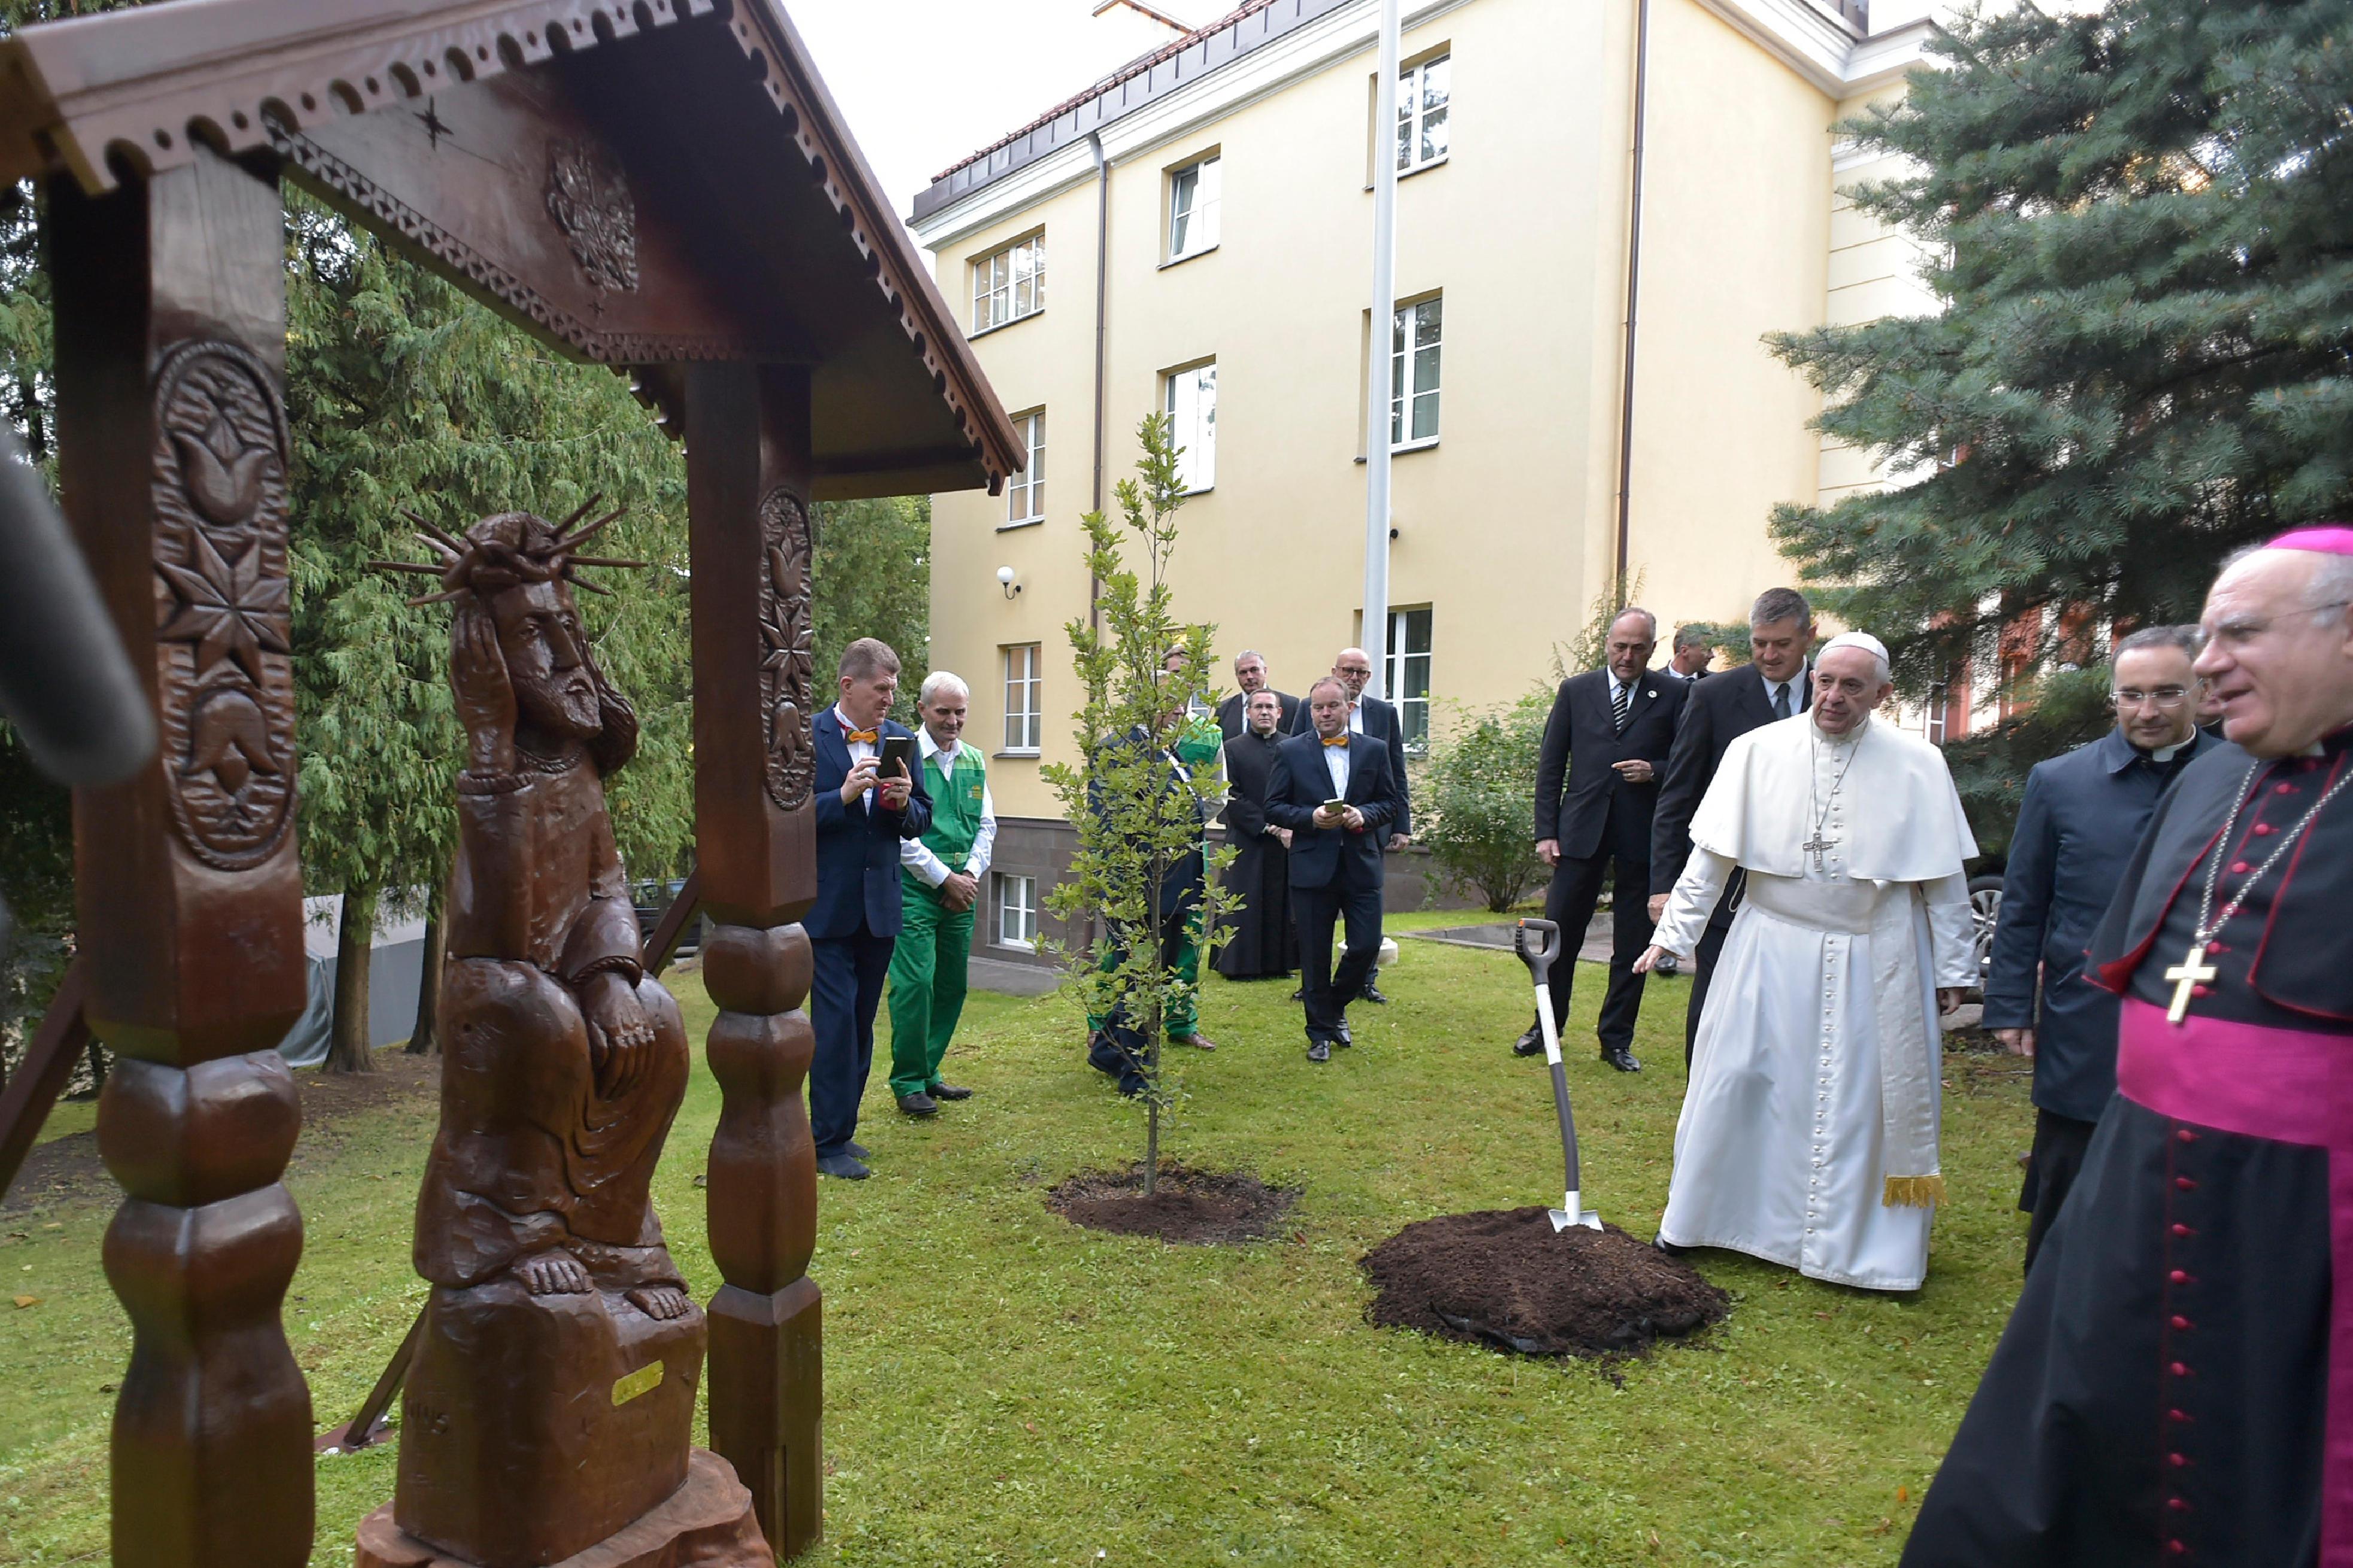 Nonciature de Vilnius (Lituanie) 25 sept. 2018 © Vatican News